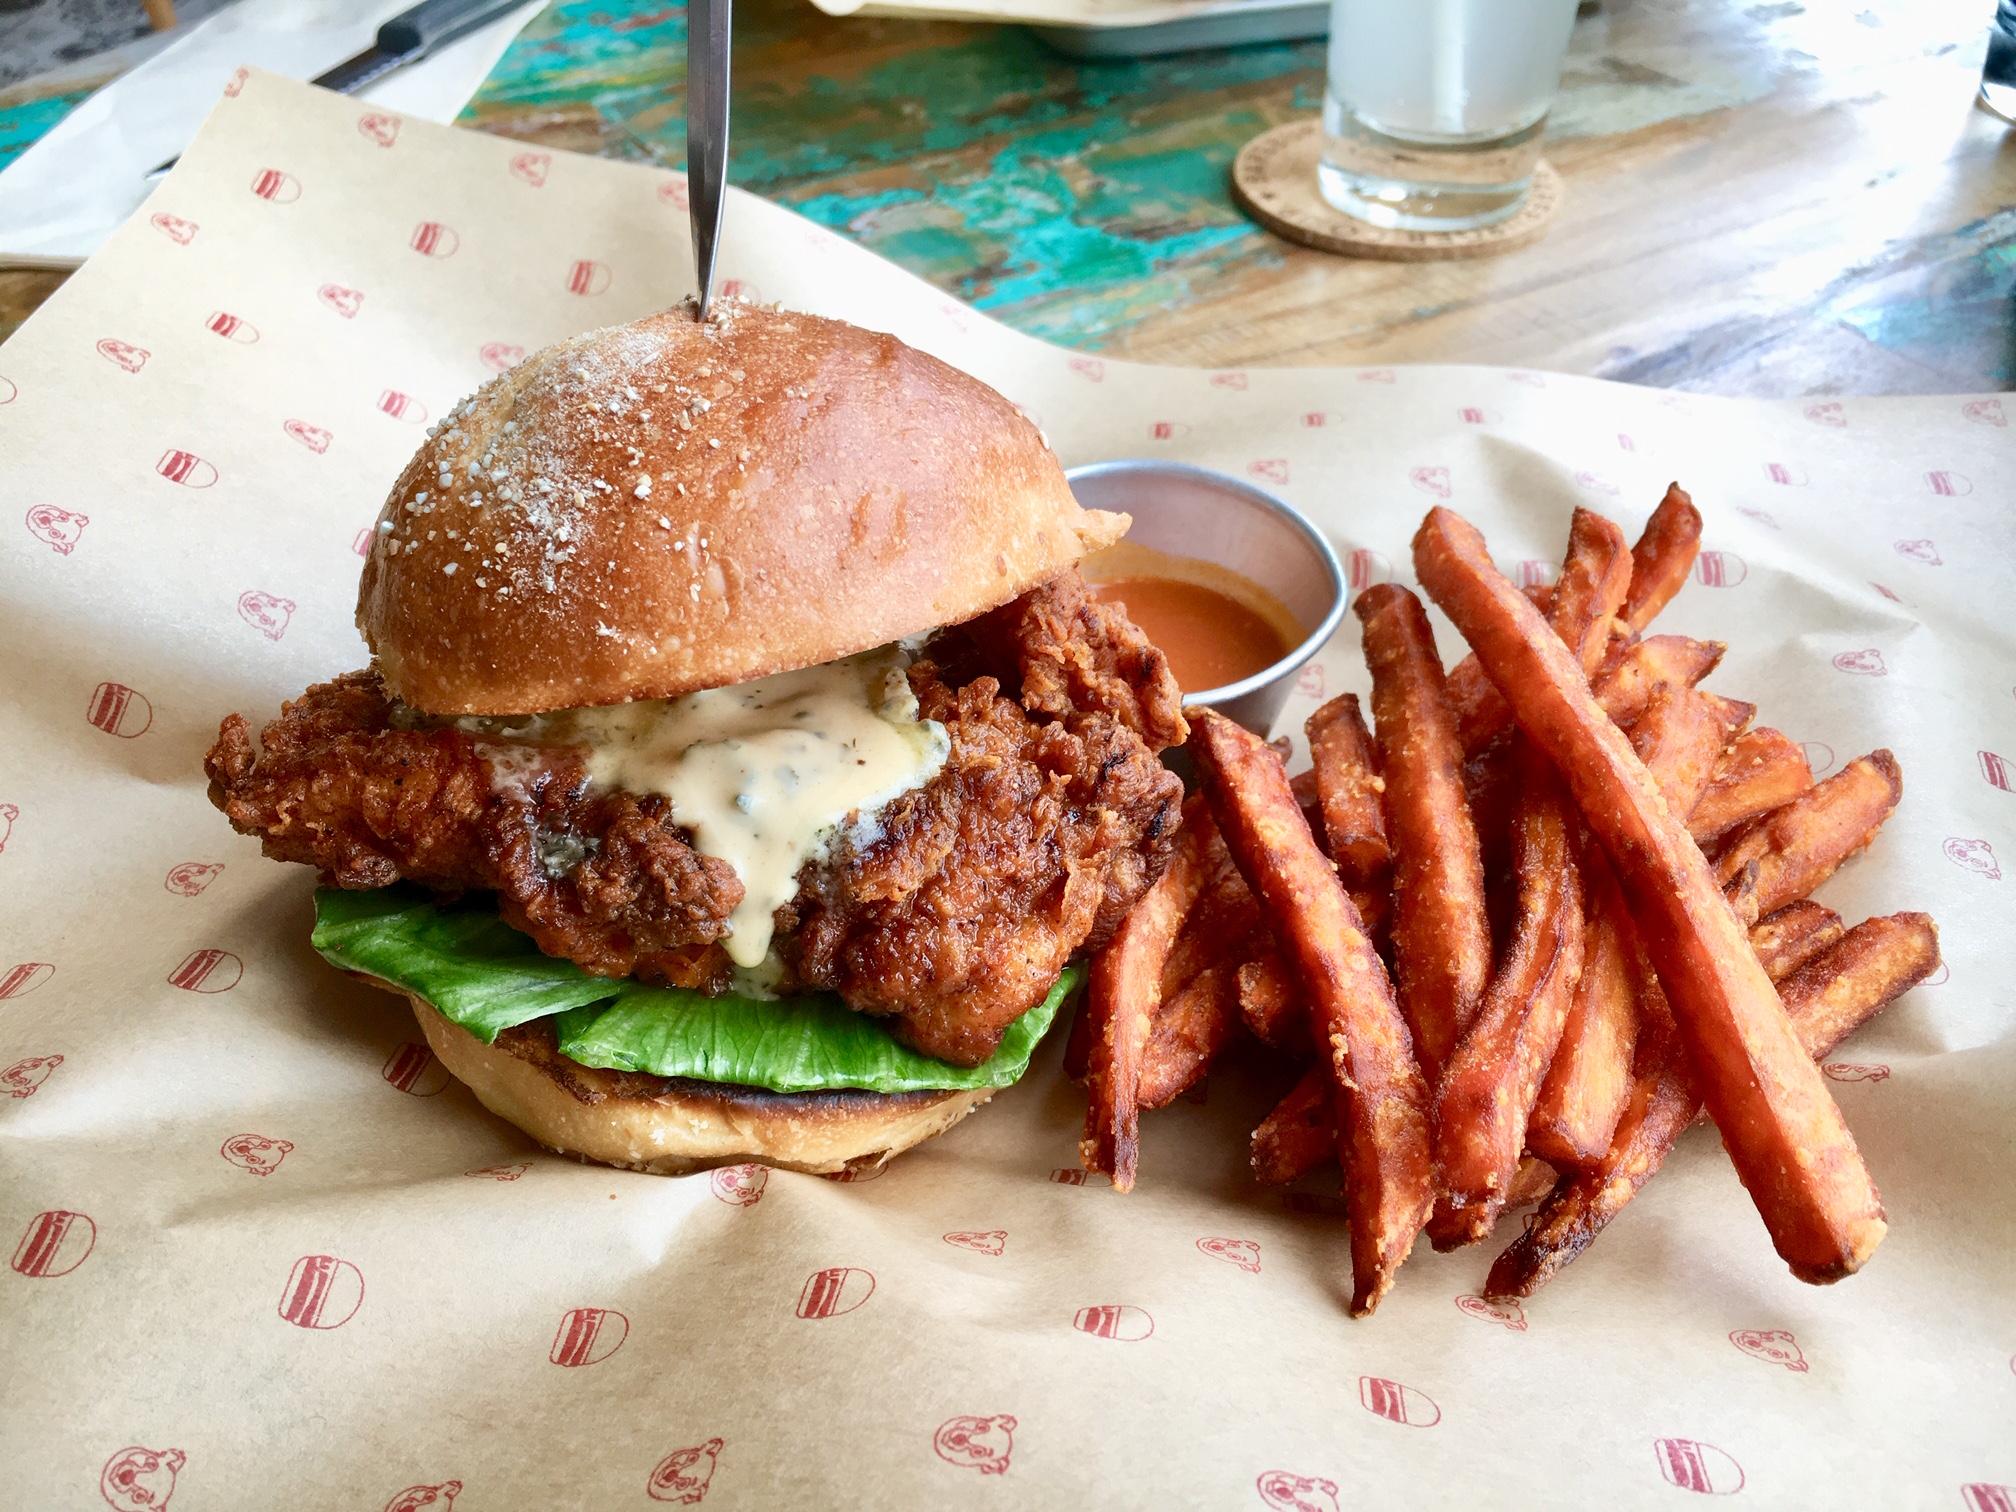 N.Y.で人気のオーガニックハンバーガーブランド日本2号店!東急プラザ銀座『Bareburger』に行ってきました☆